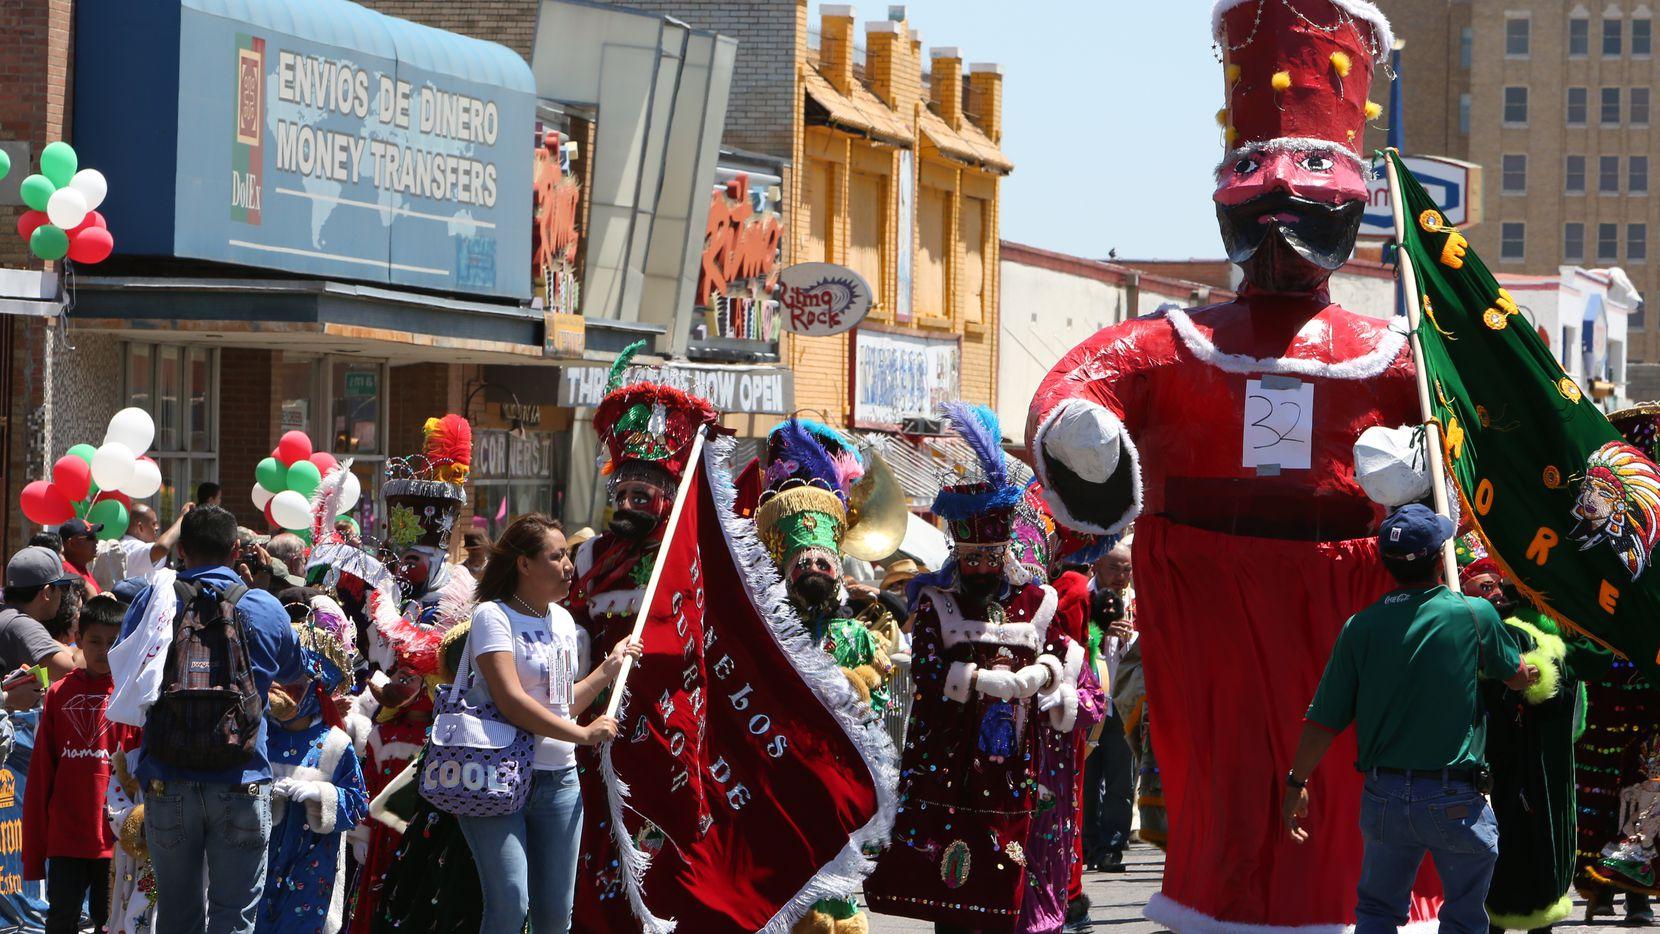 El desfile del Cinco de Mayo en la Jefferson Boulevard es un evento icónico aunque, por este año, el festejo será virtual.